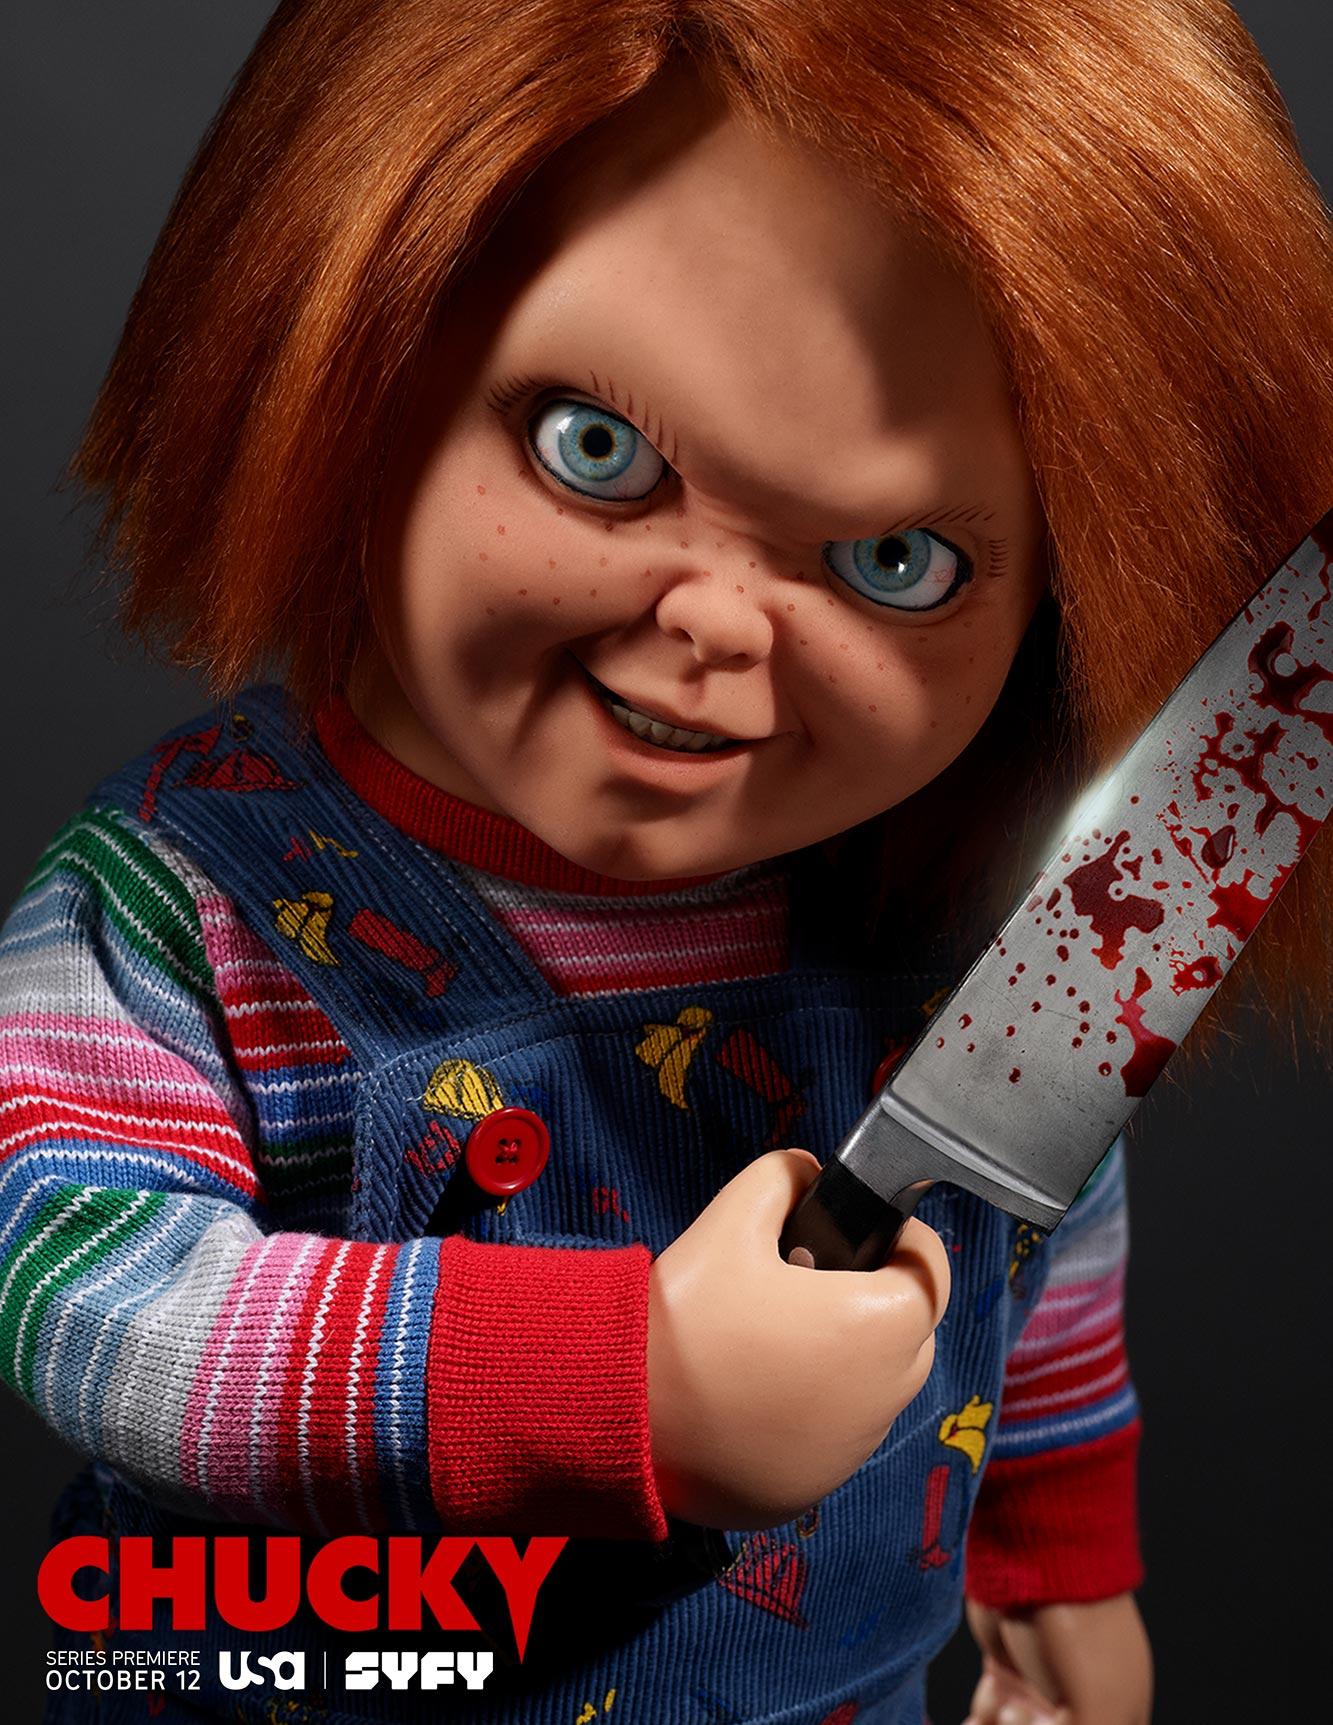 Chucky from the Chucky TV